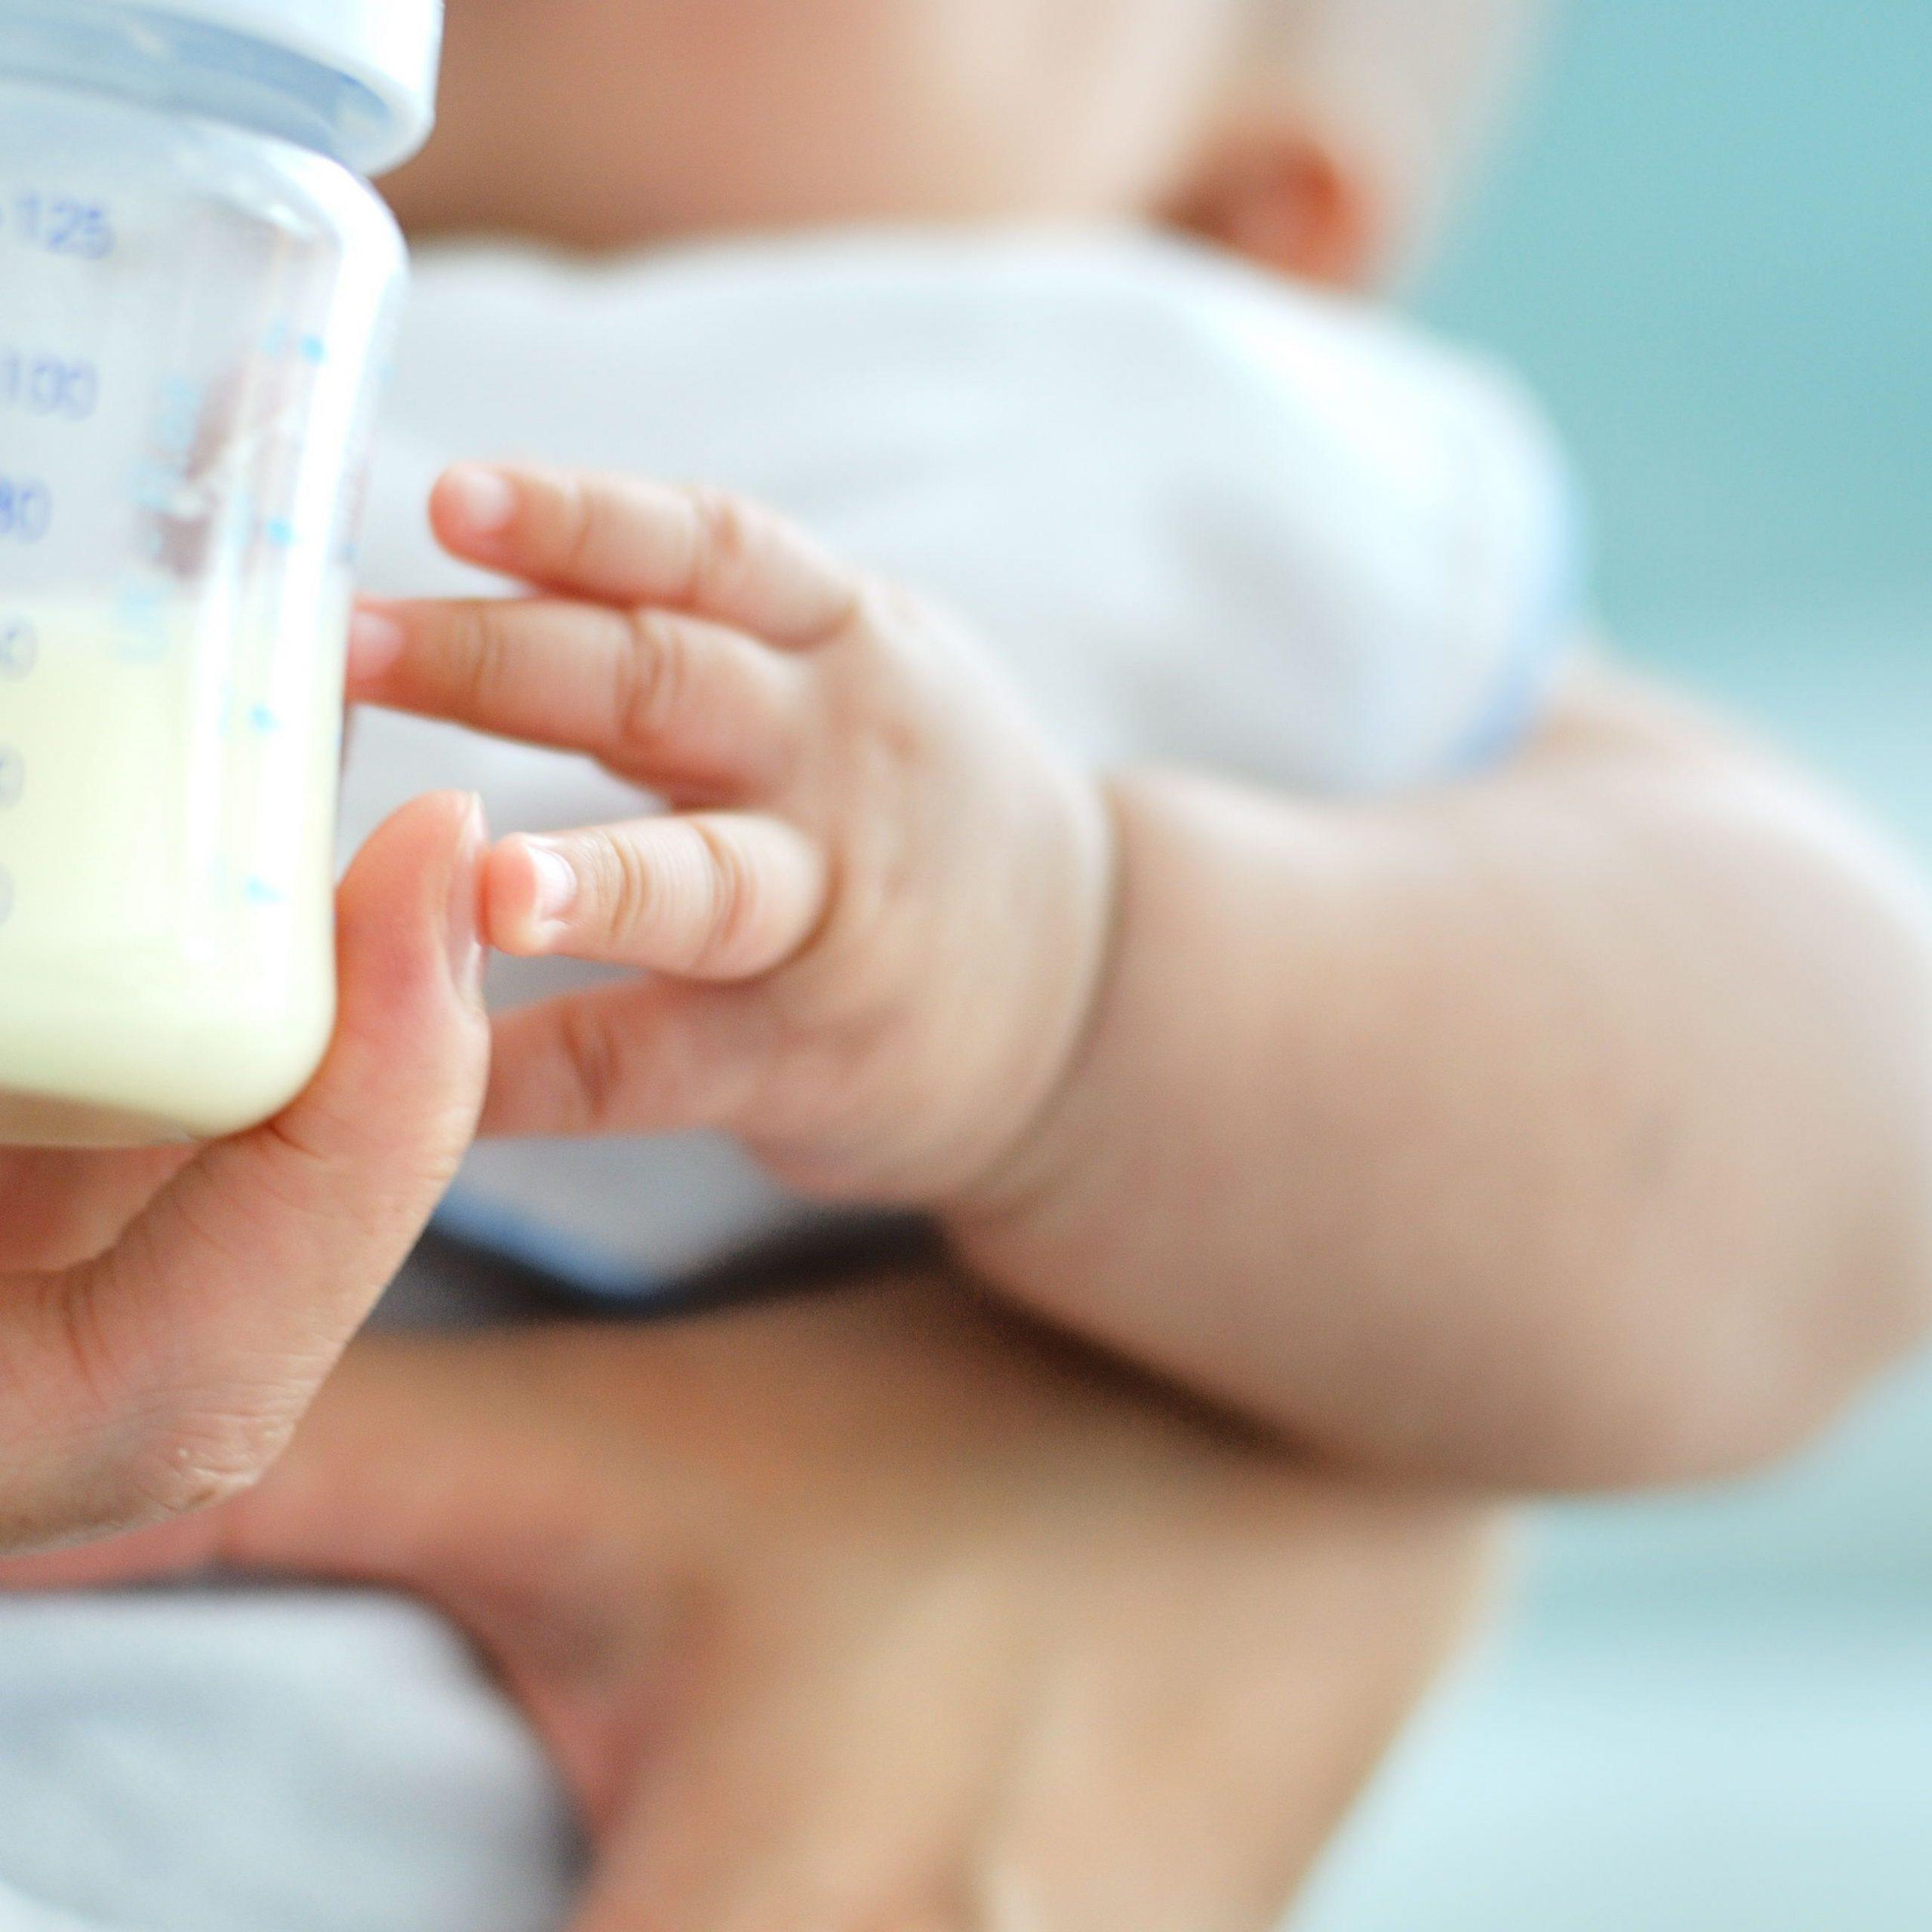 الكربوهيدرات الأم القدرة تحسين النمو GettyImages-13612799